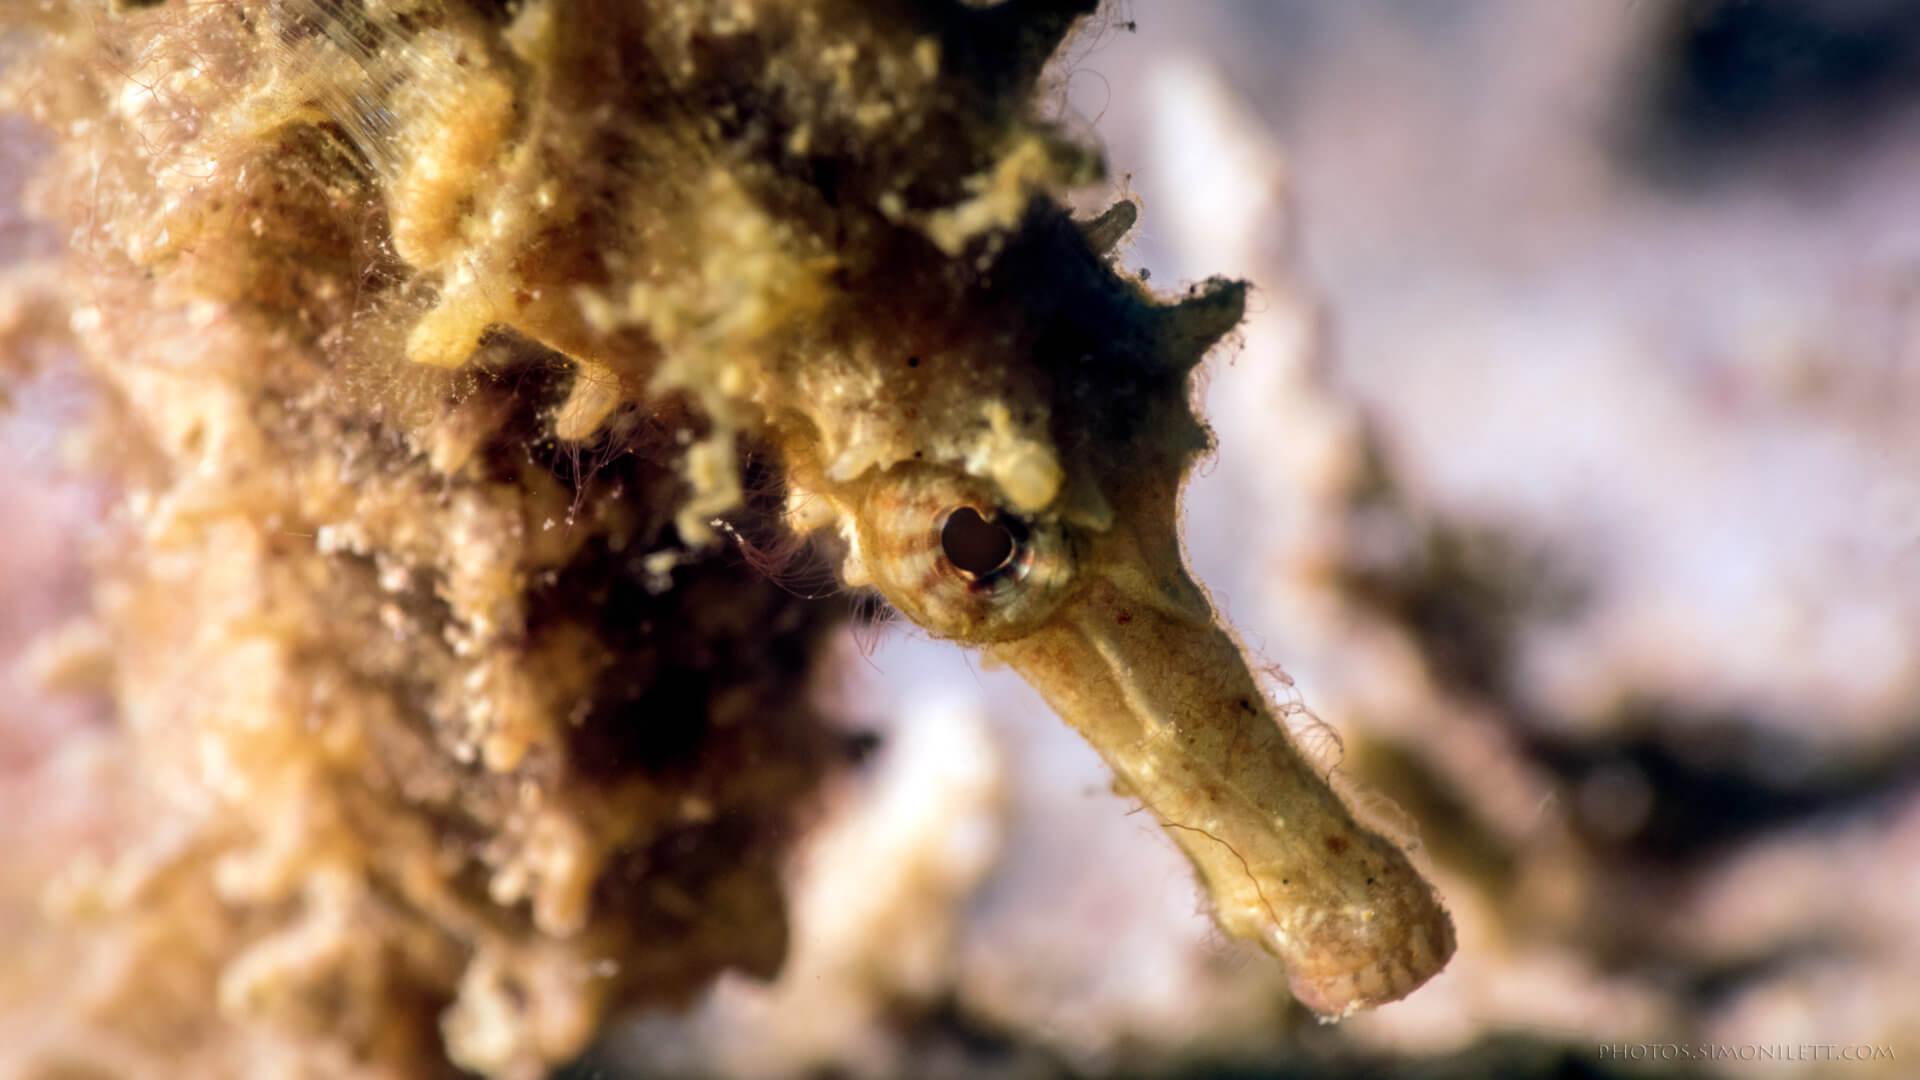 Hedgehog Seahorse – Kata Beach